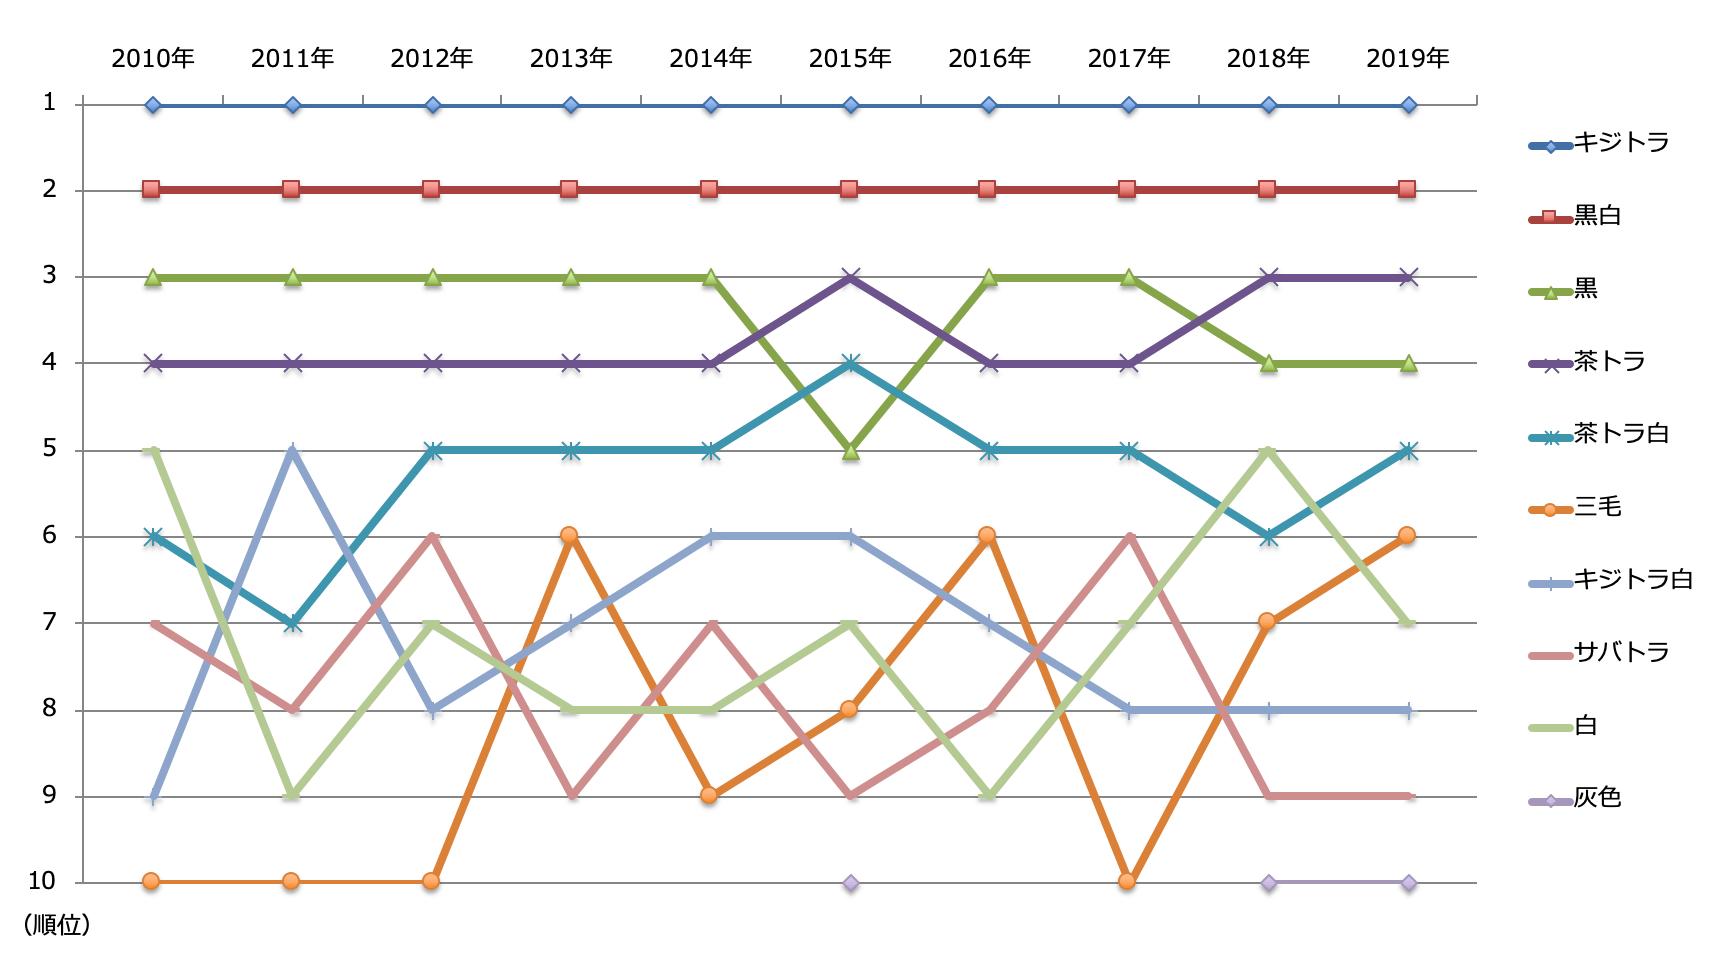 猫の柄ランキング2010年から2019年までの推移グラフ